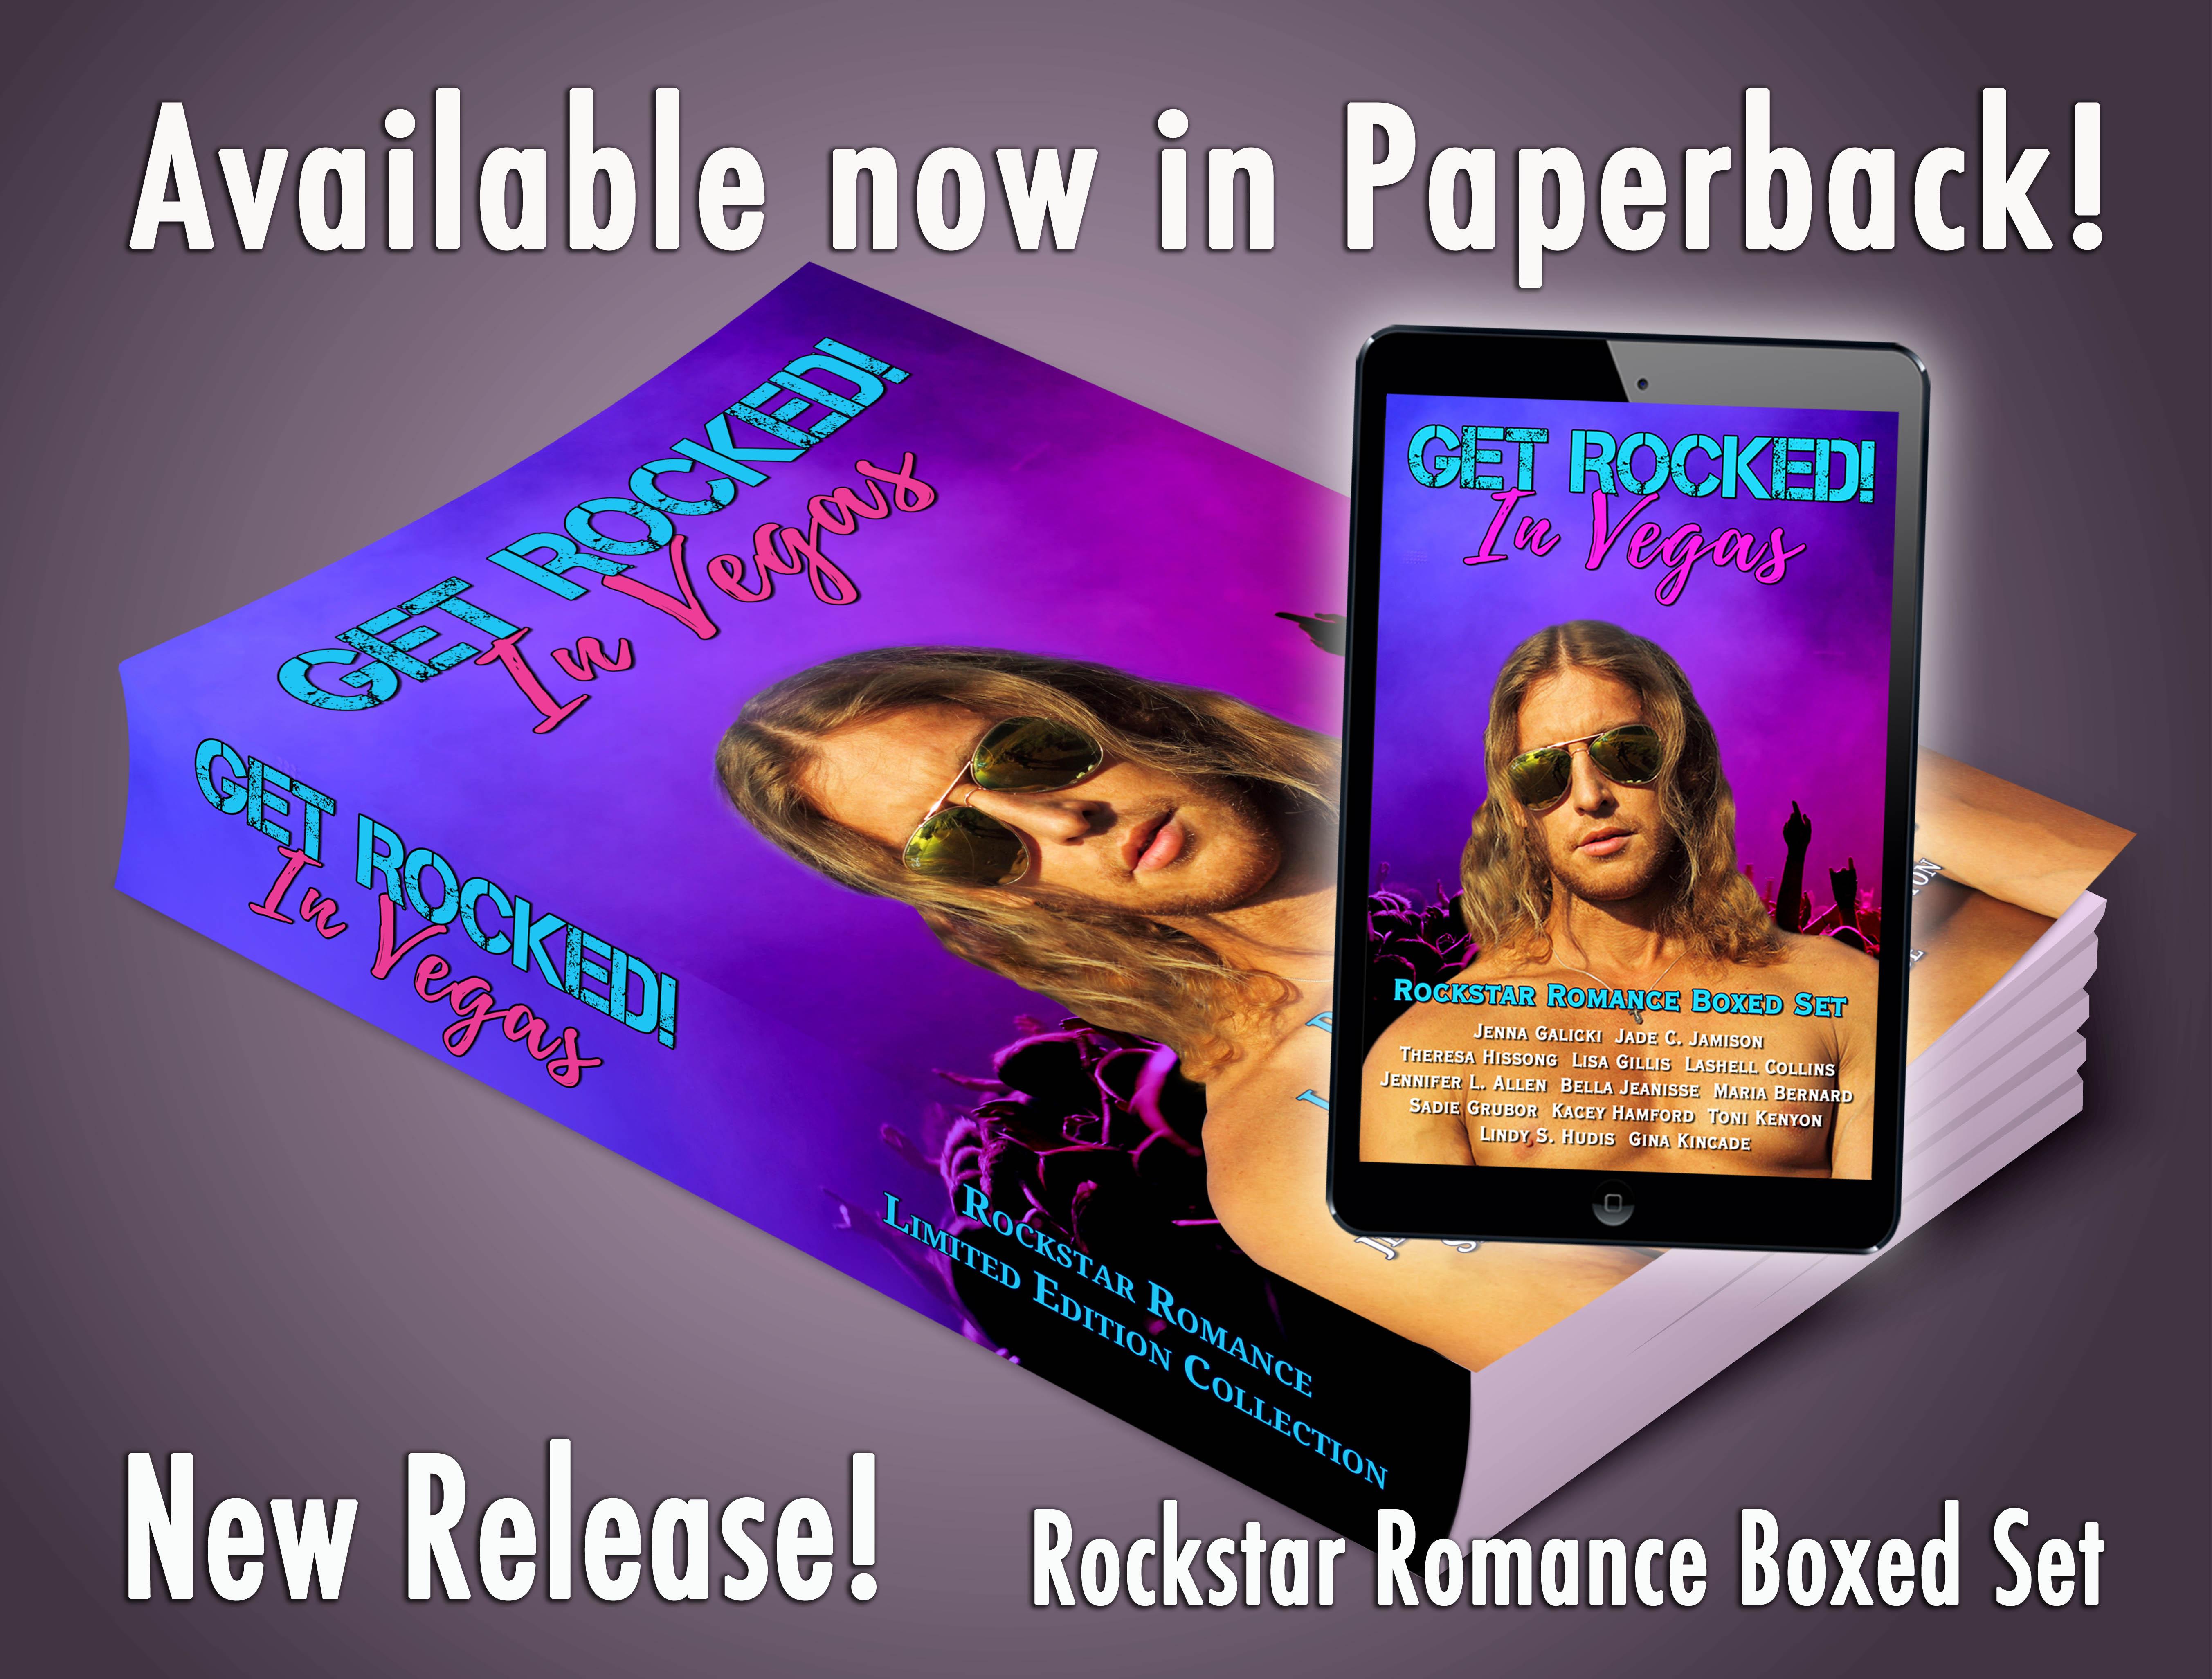 Get Rocked In Vegas Paperback